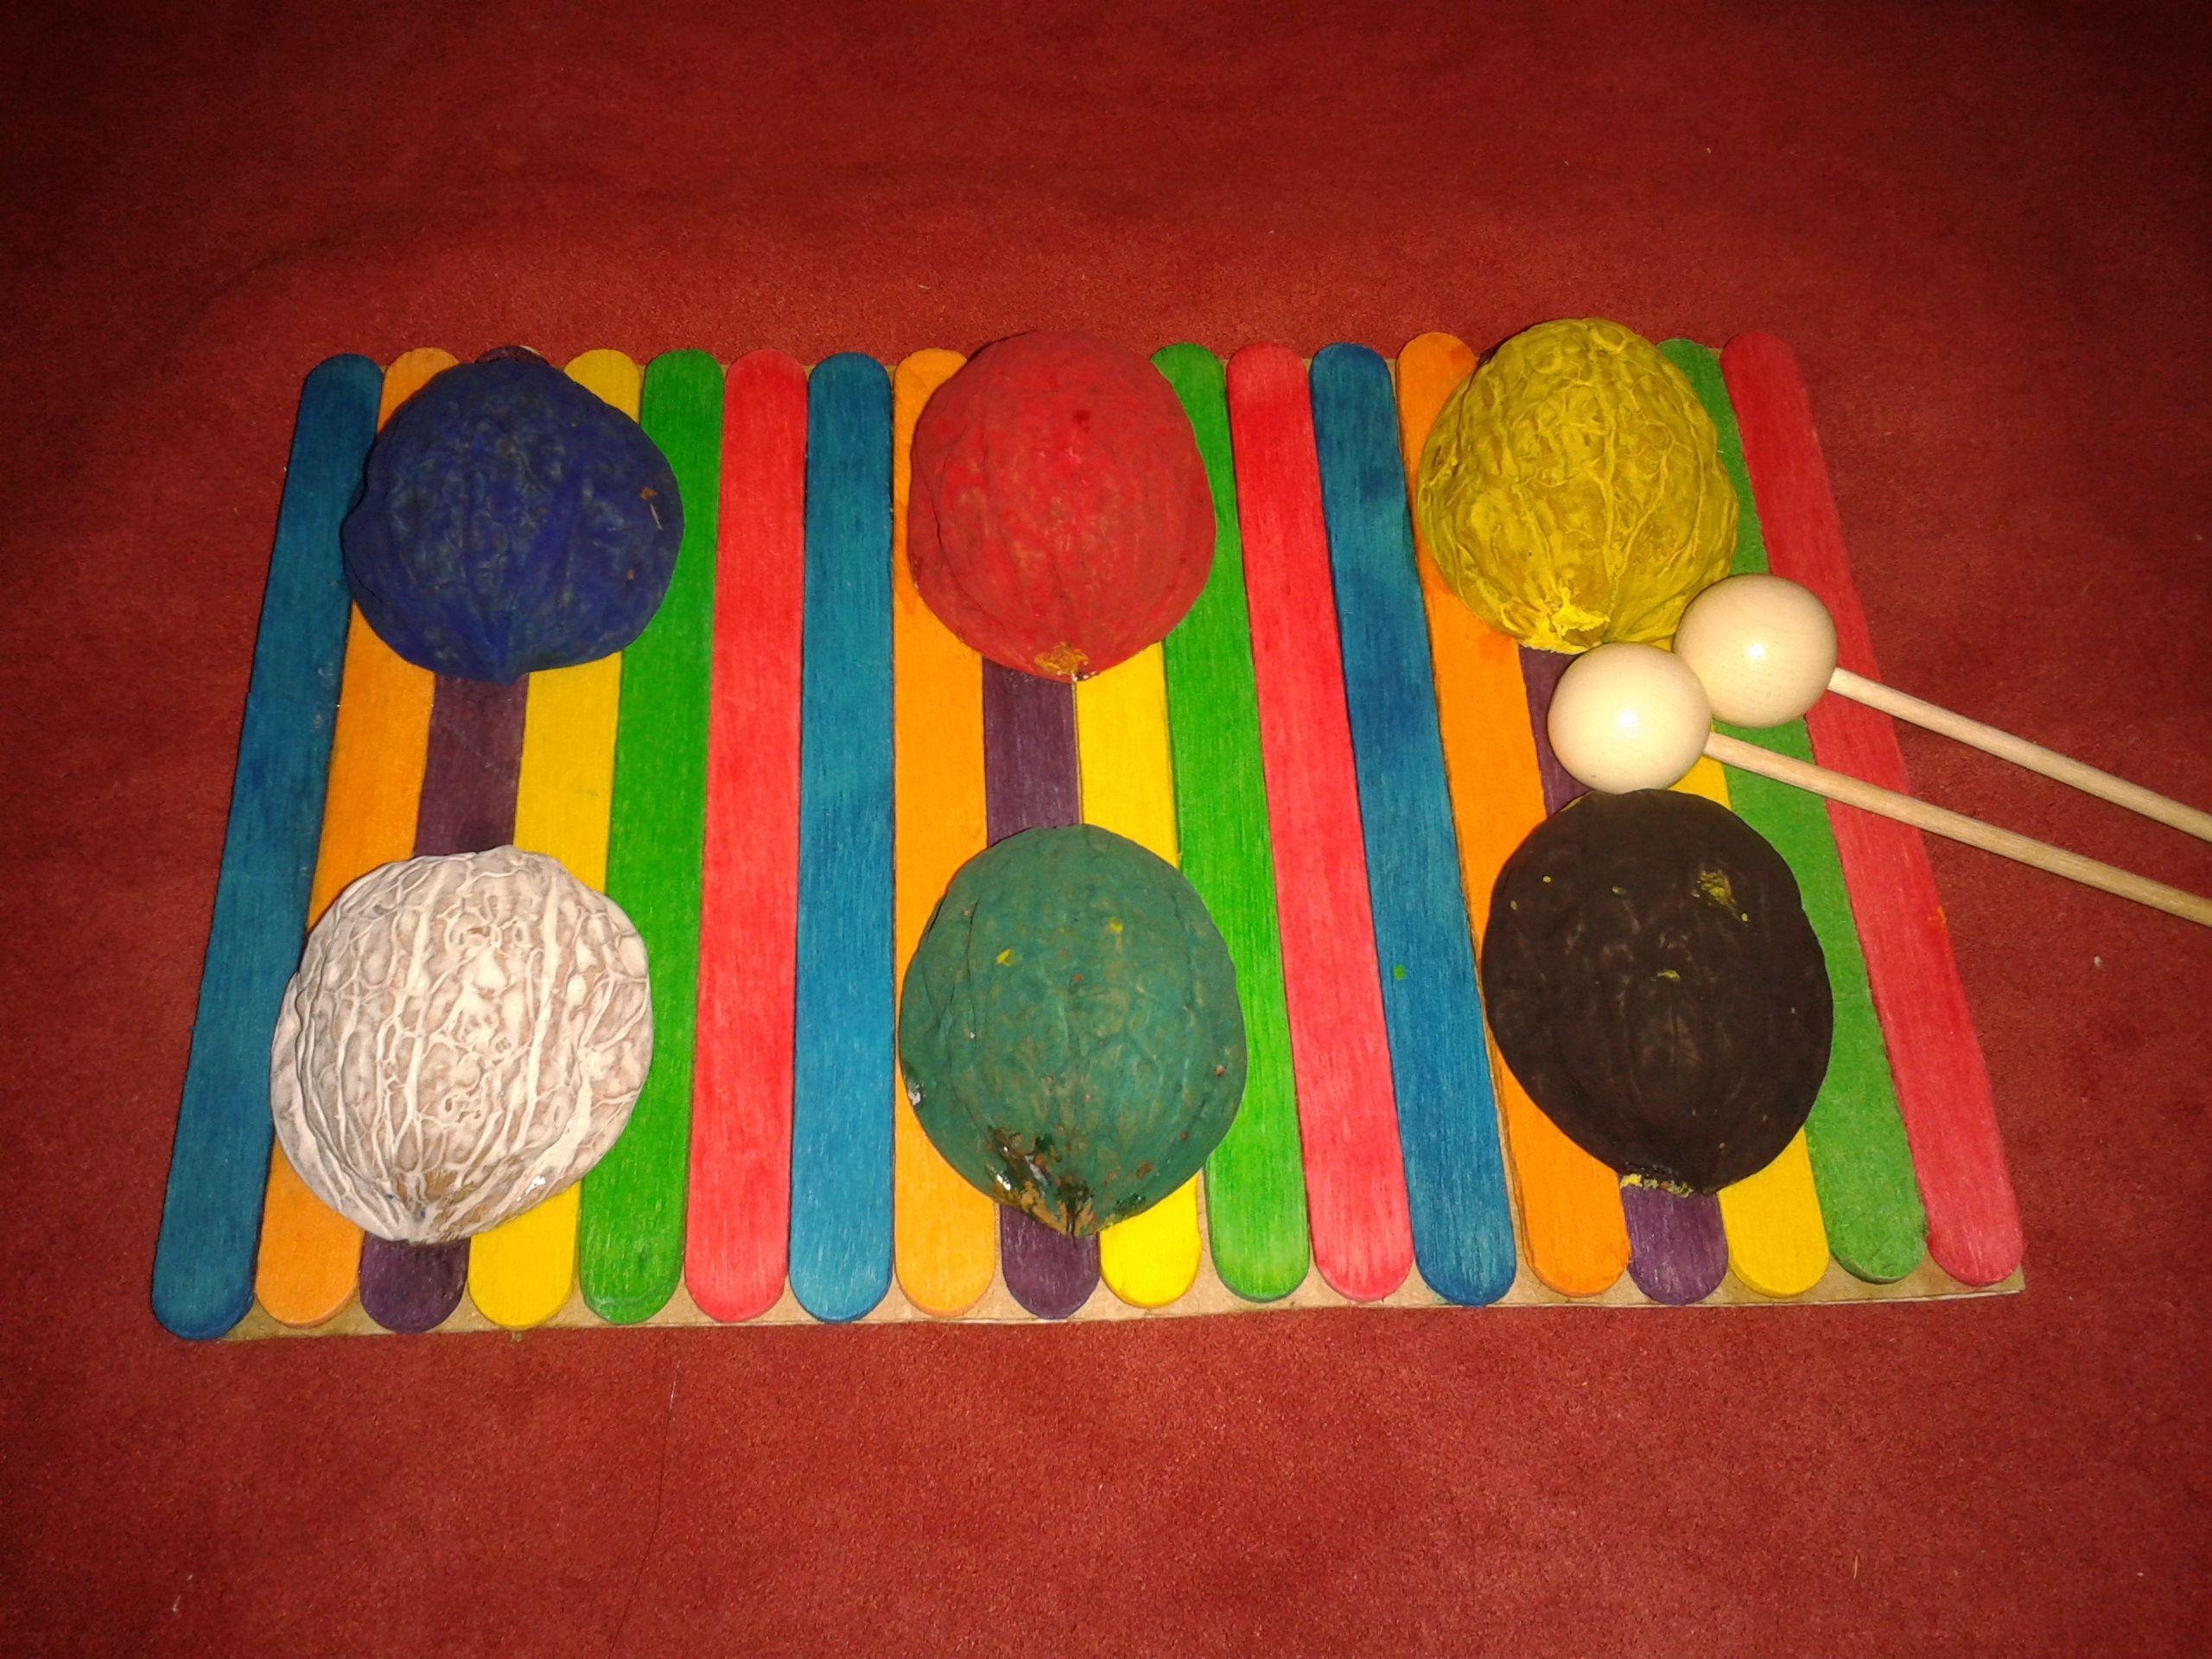 Percusión con material reciclado | Instrumento musical reciclado,  Actividades para niños, Instrumentos musicales